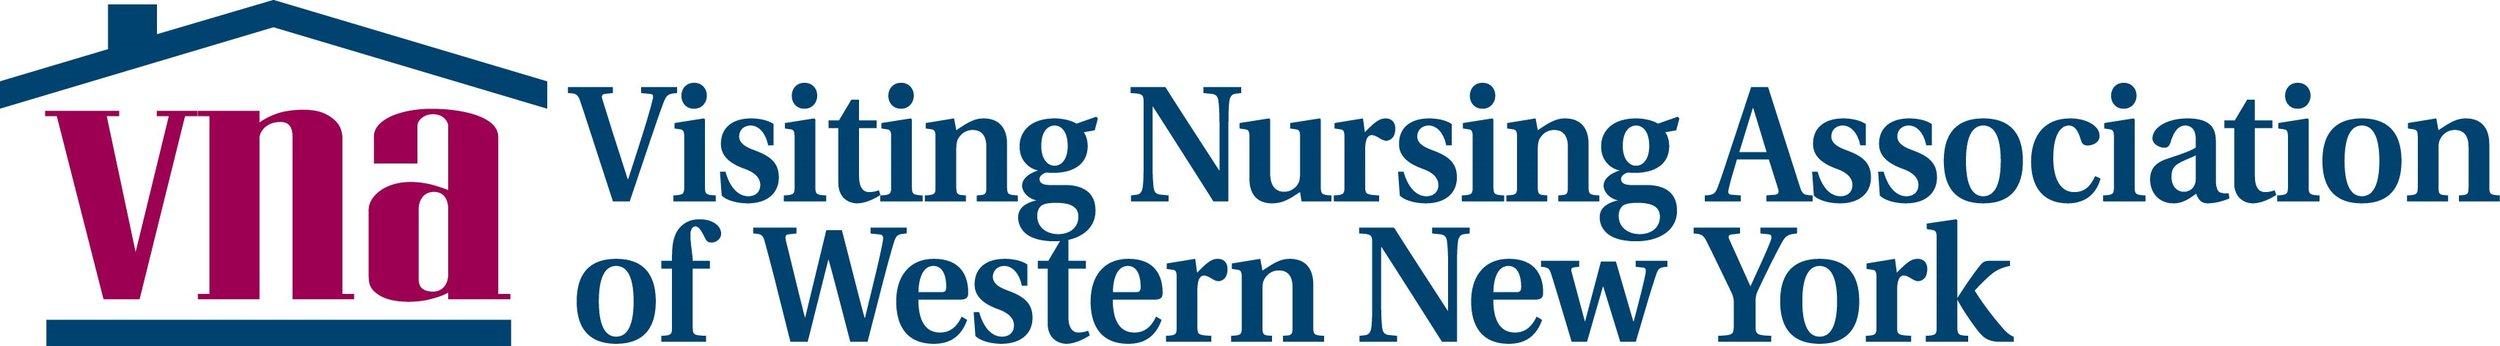 VNA-Visiting-Nursing-Assoc-logo.jpg